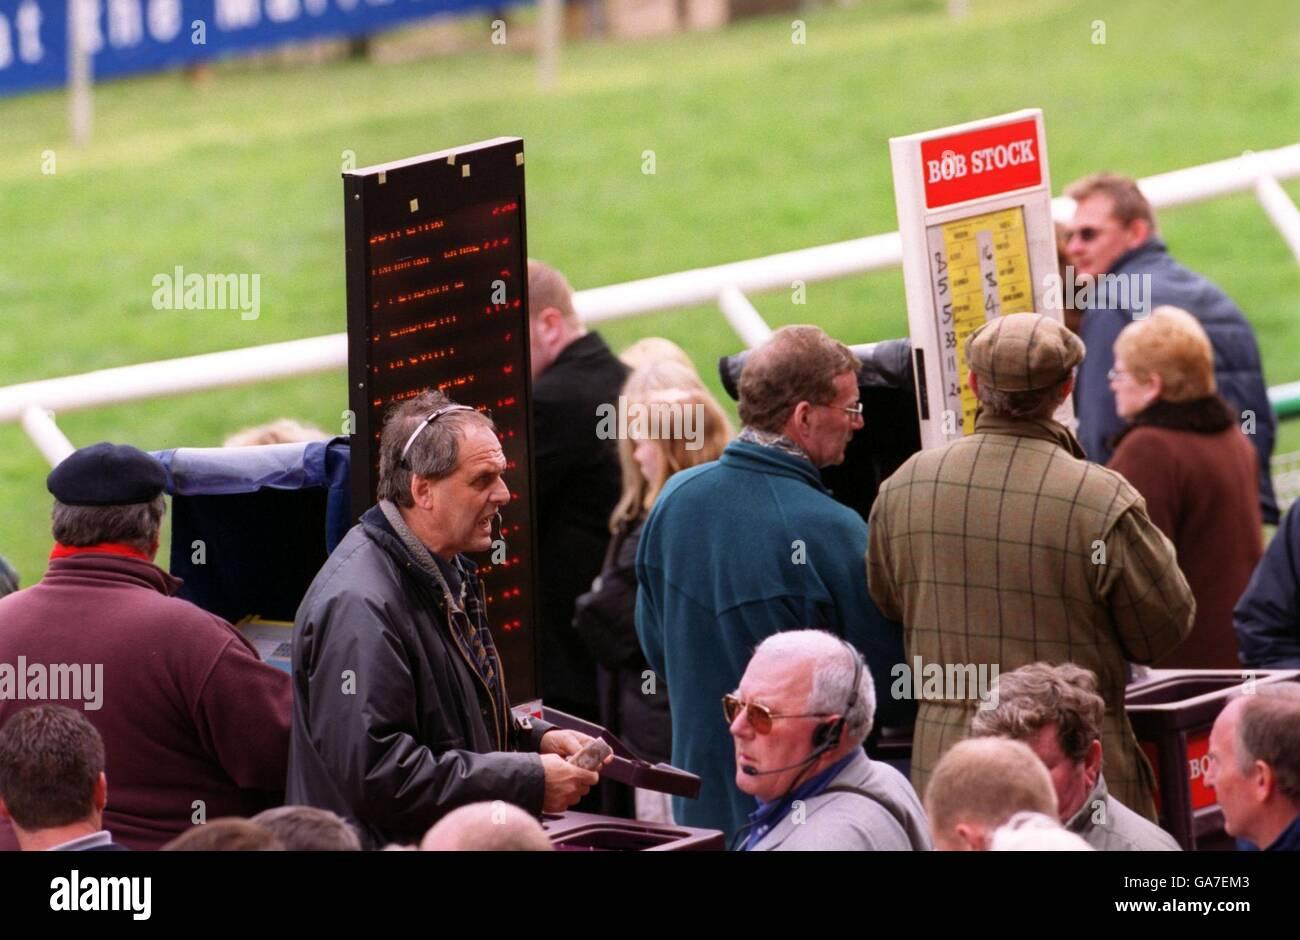 Horse Racing - Brighton Races Stock Photo